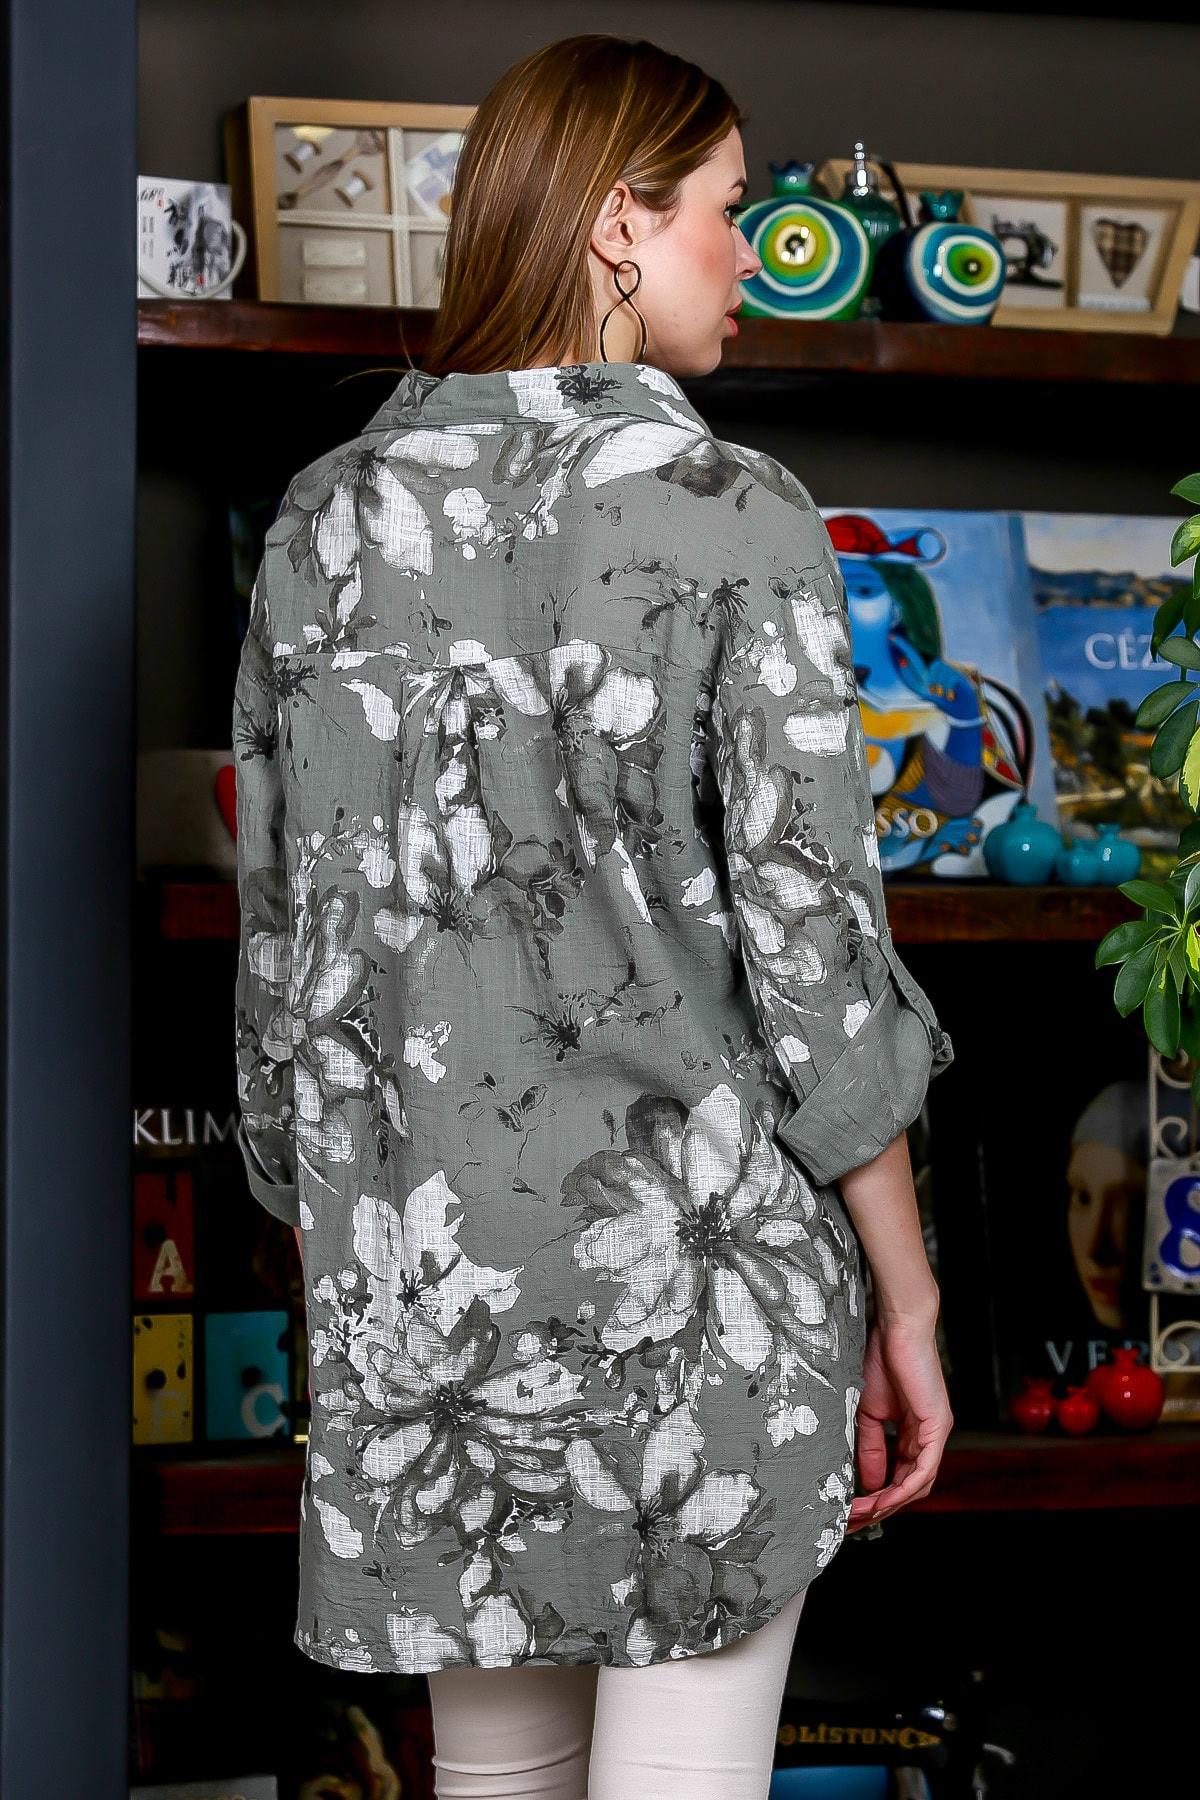 Chiccy Kadın Yeşil İtalyan Çiçek Desenli 3/4 Kol Ayarlı Yanı Yırtmaçlı Tunik Gömlek M10010400GM99439 4